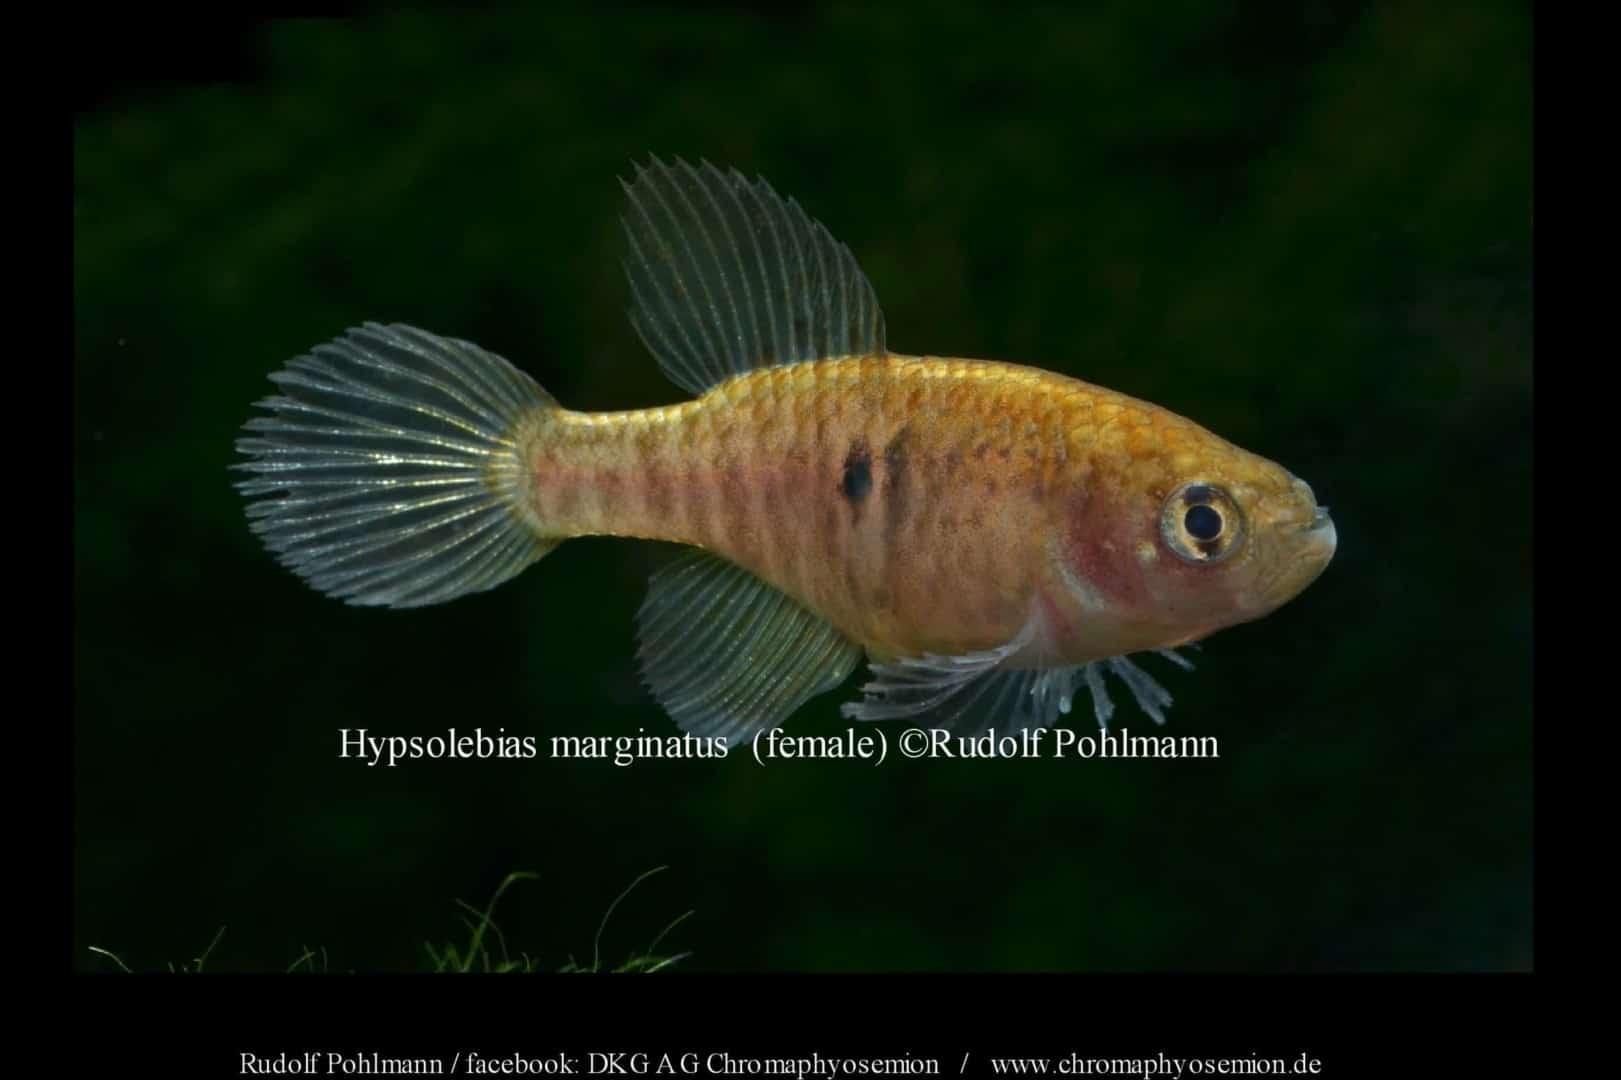 Hypsolebias marginatus – Marginatus Kleiner Fächerfisch 1